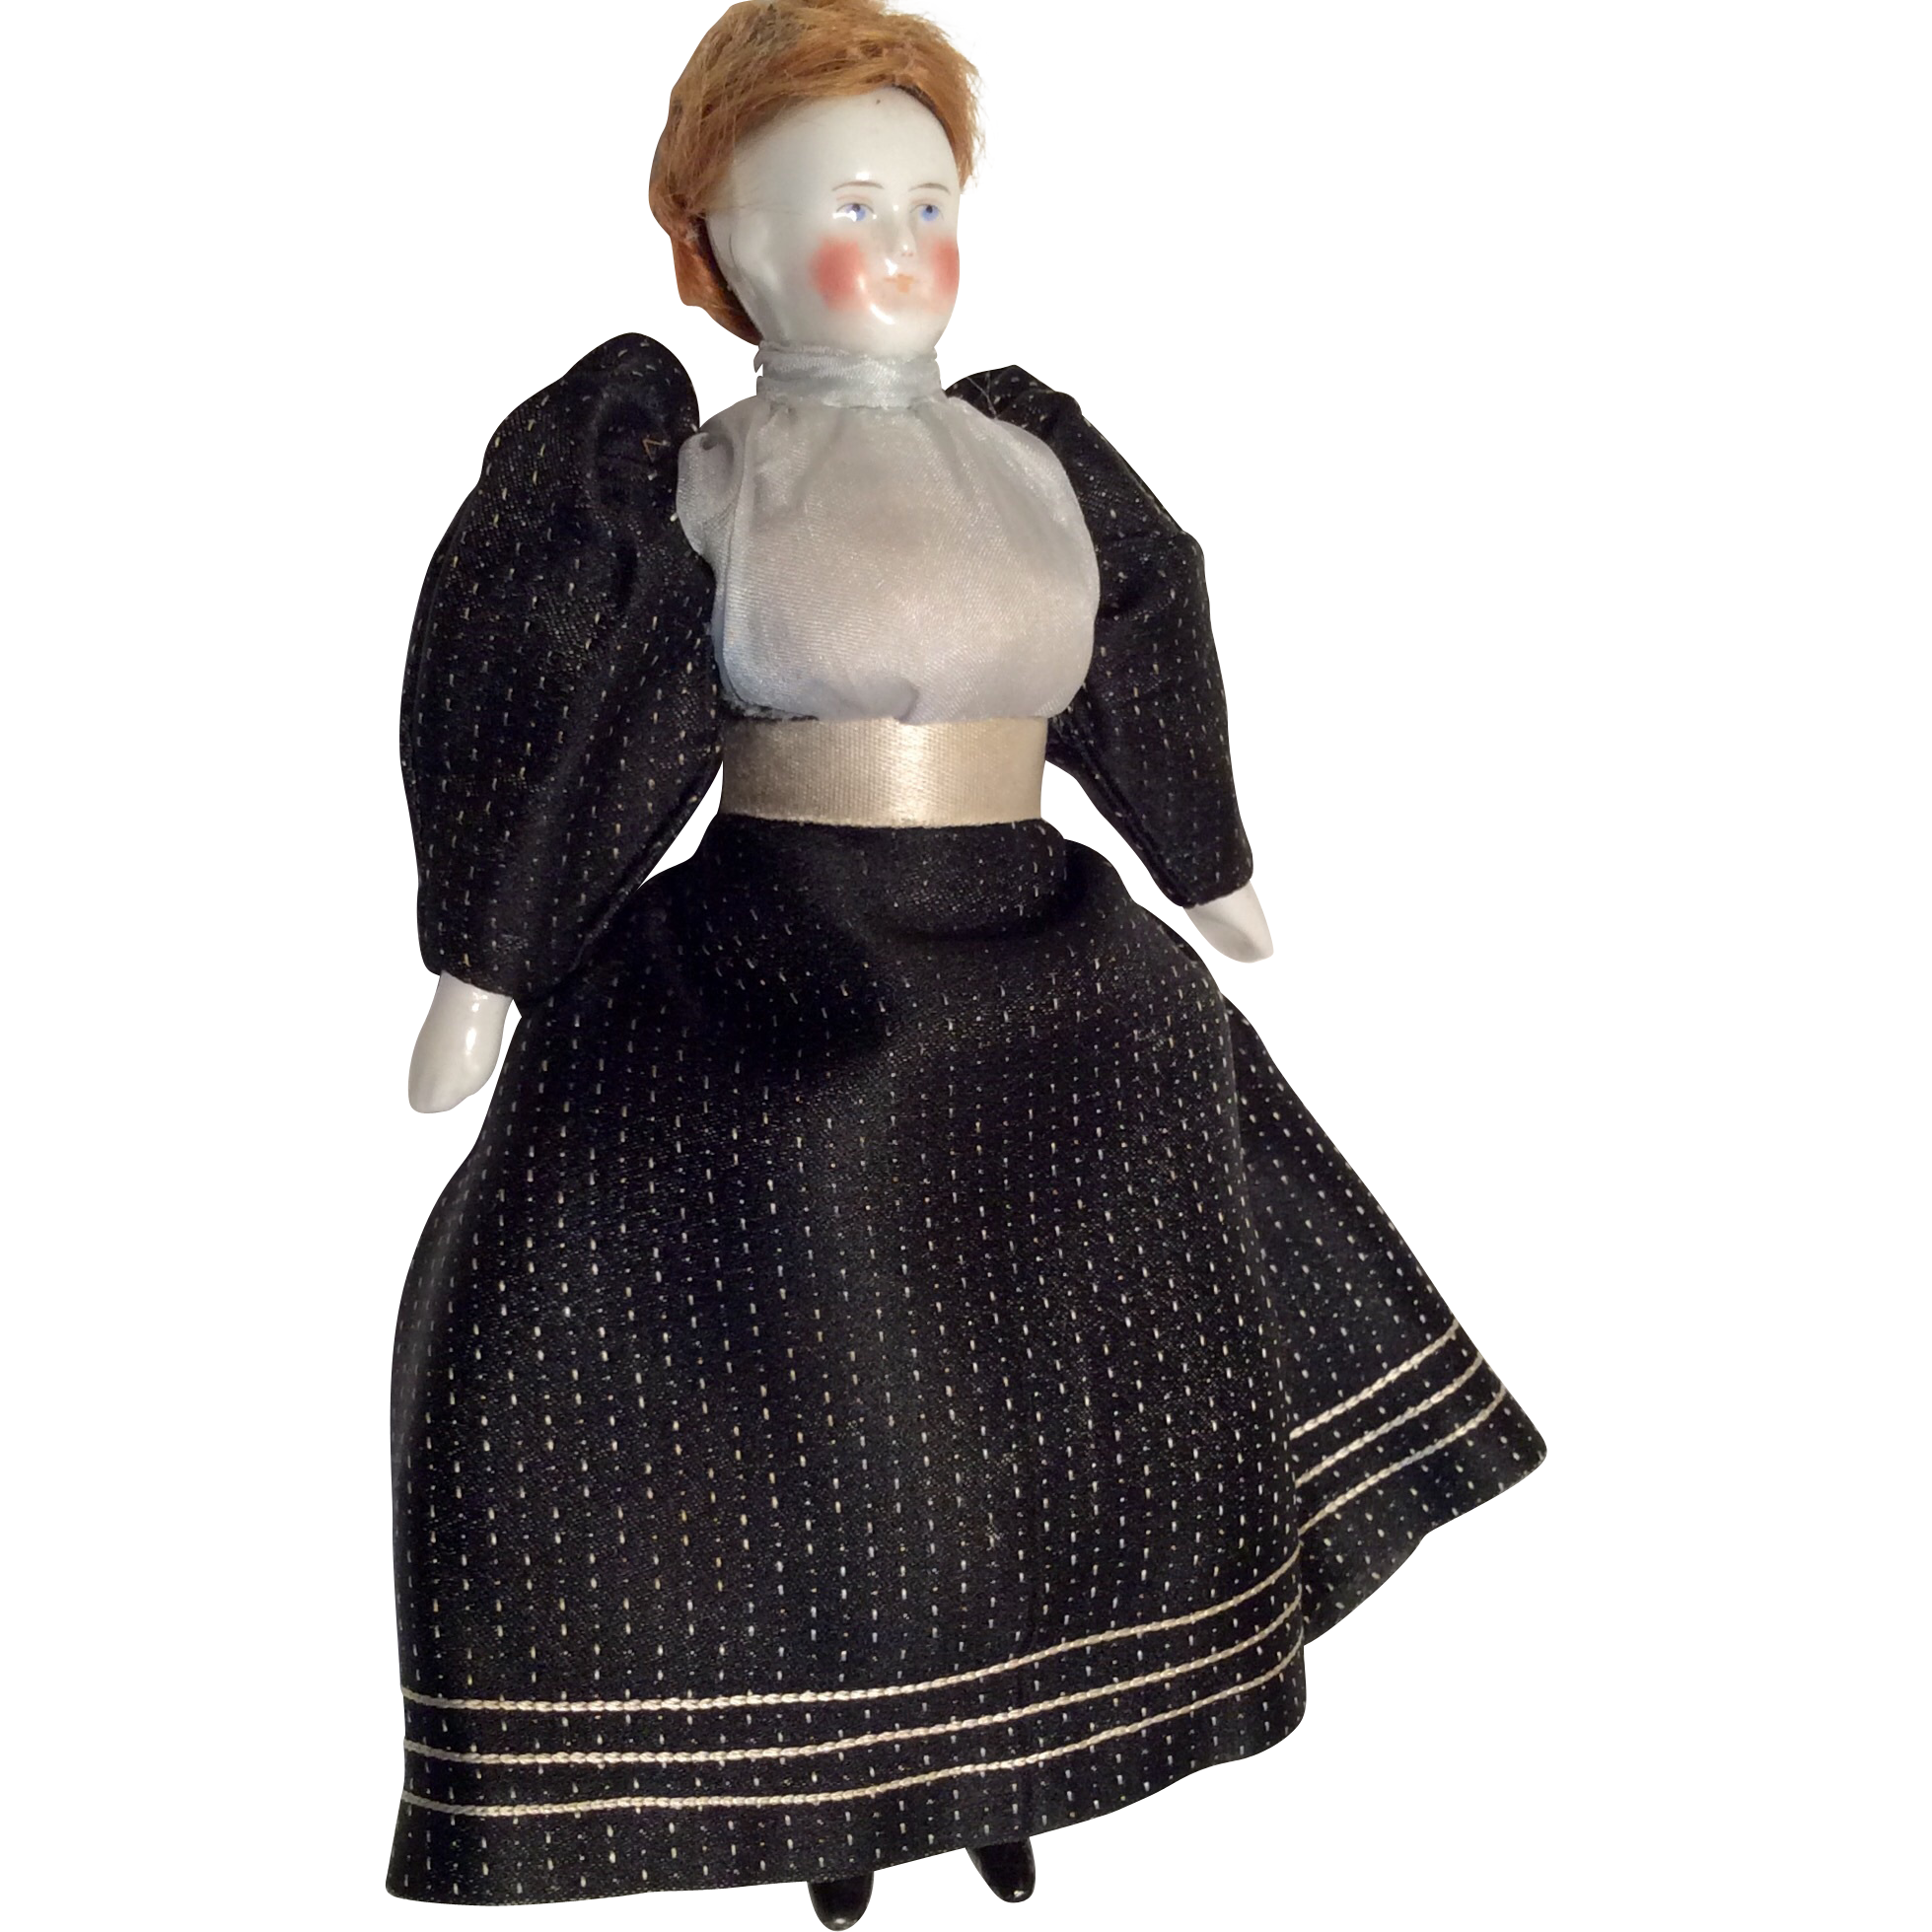 Wig Dollhouse Doll 13